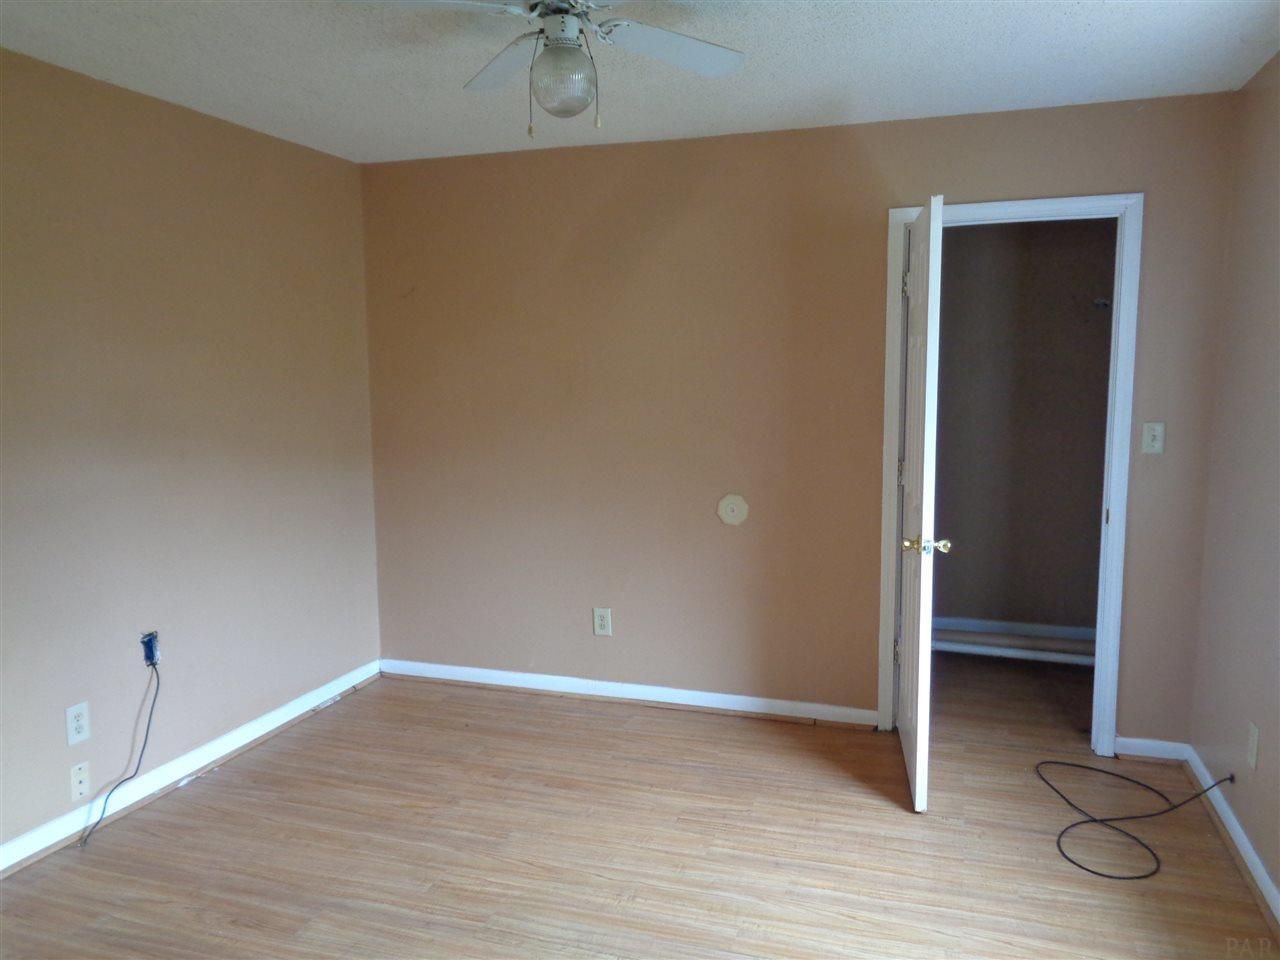 3310 Sowell Rd, Brewton, AL 36426